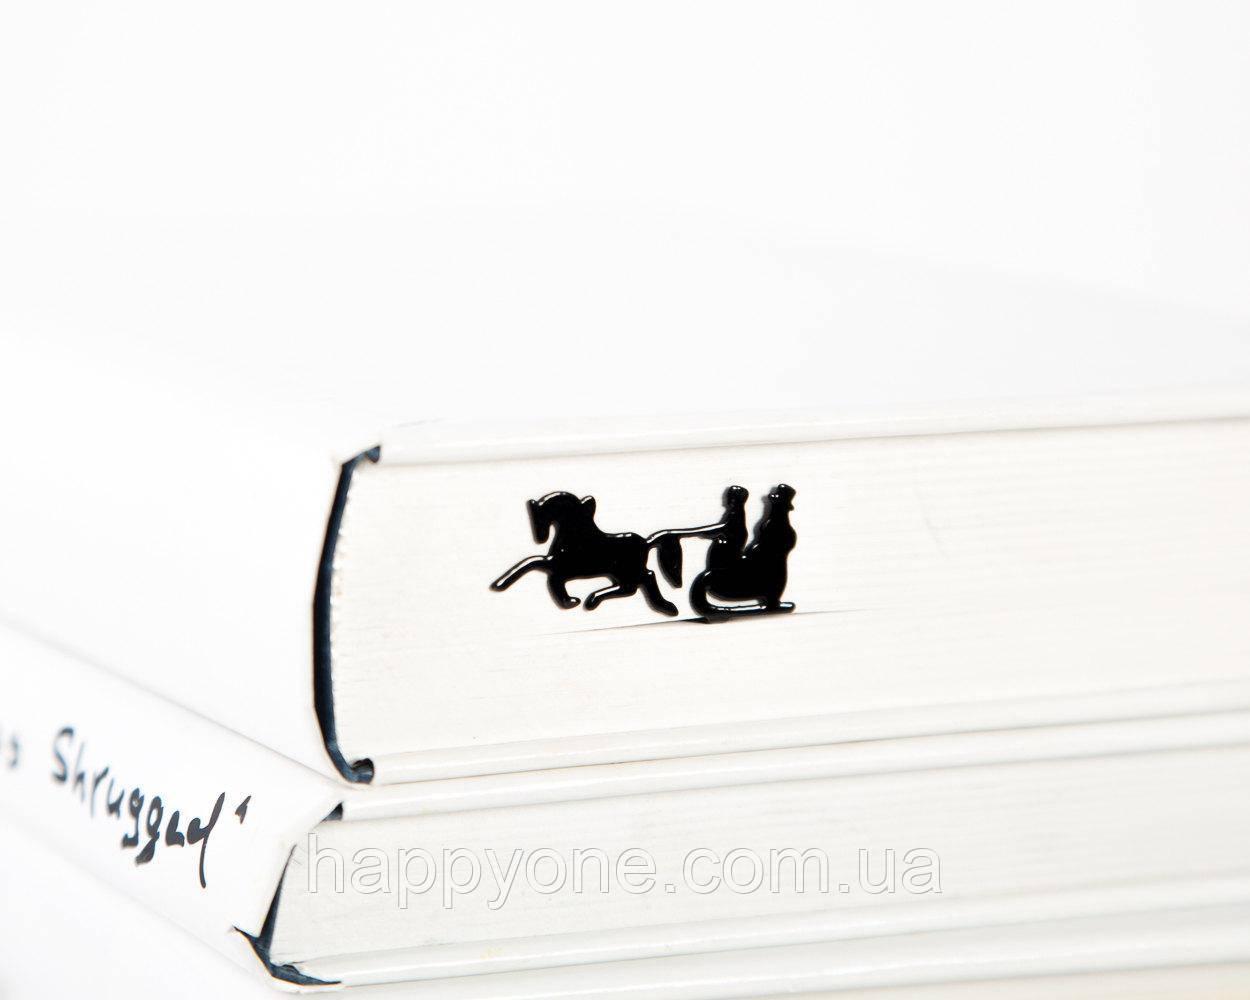 Закладка для книг Зимние сани